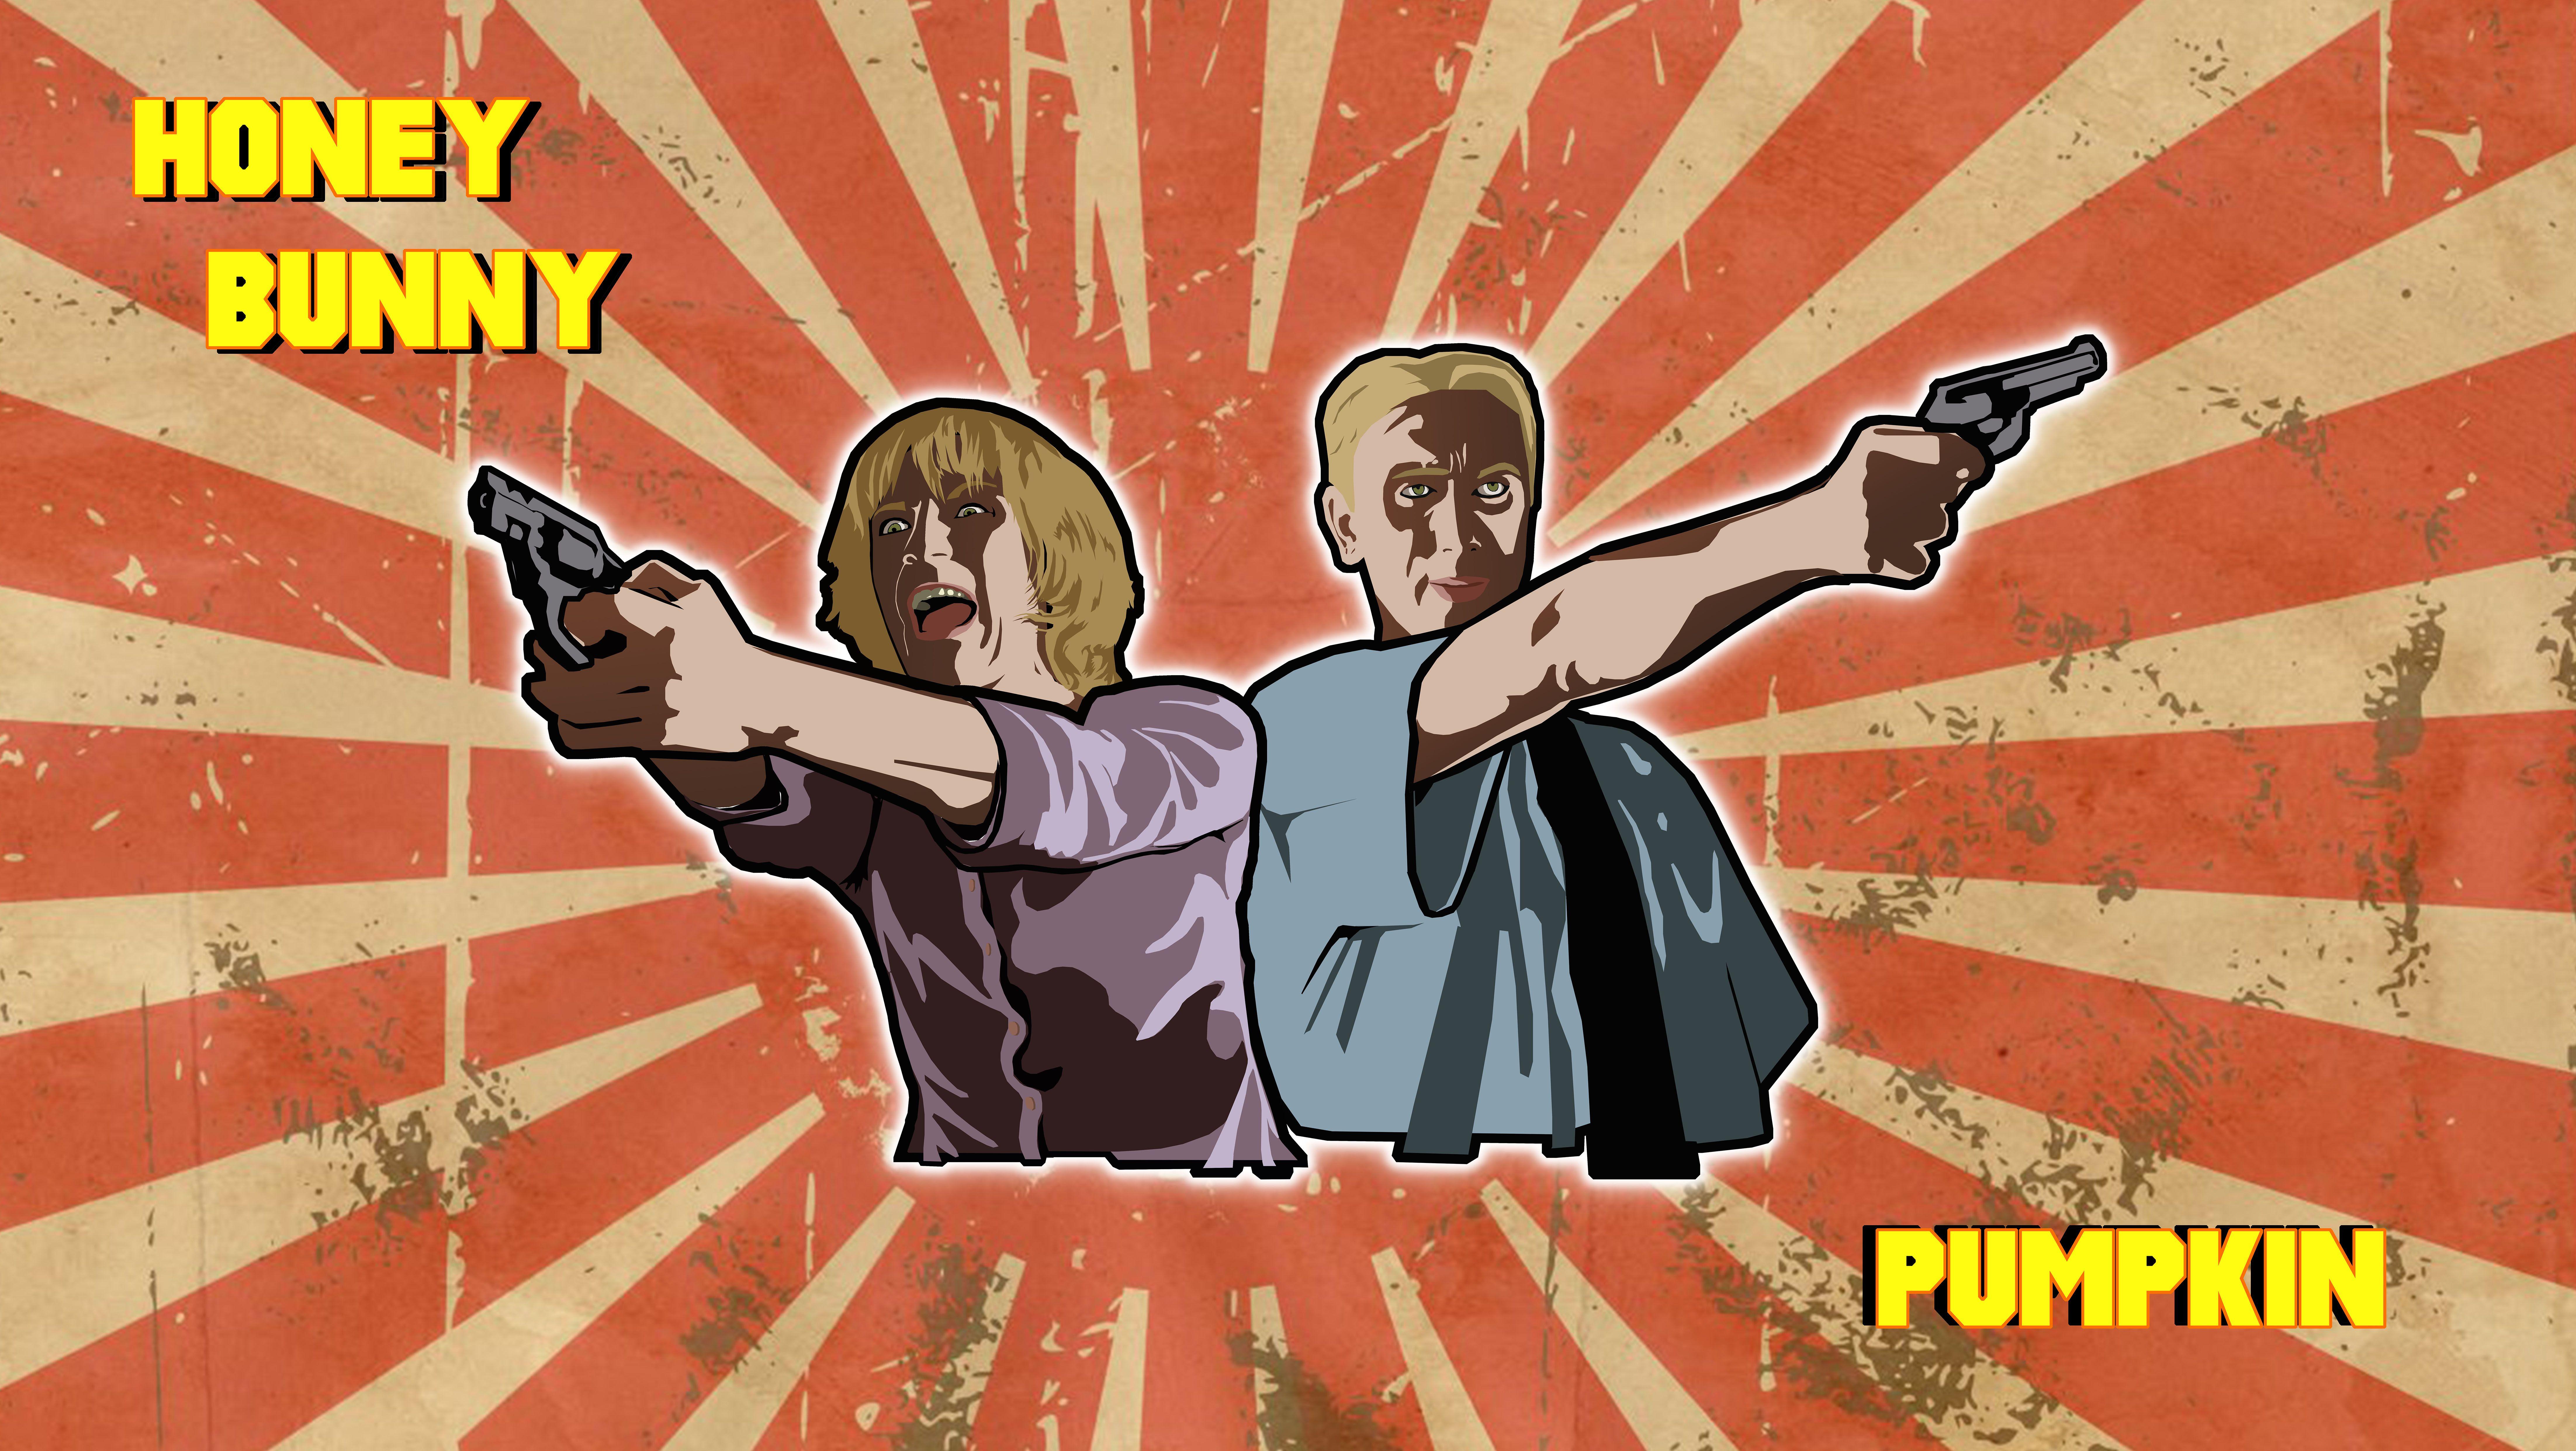 Pulp Fiction Wallpaper Pulp fiction, Película pulp